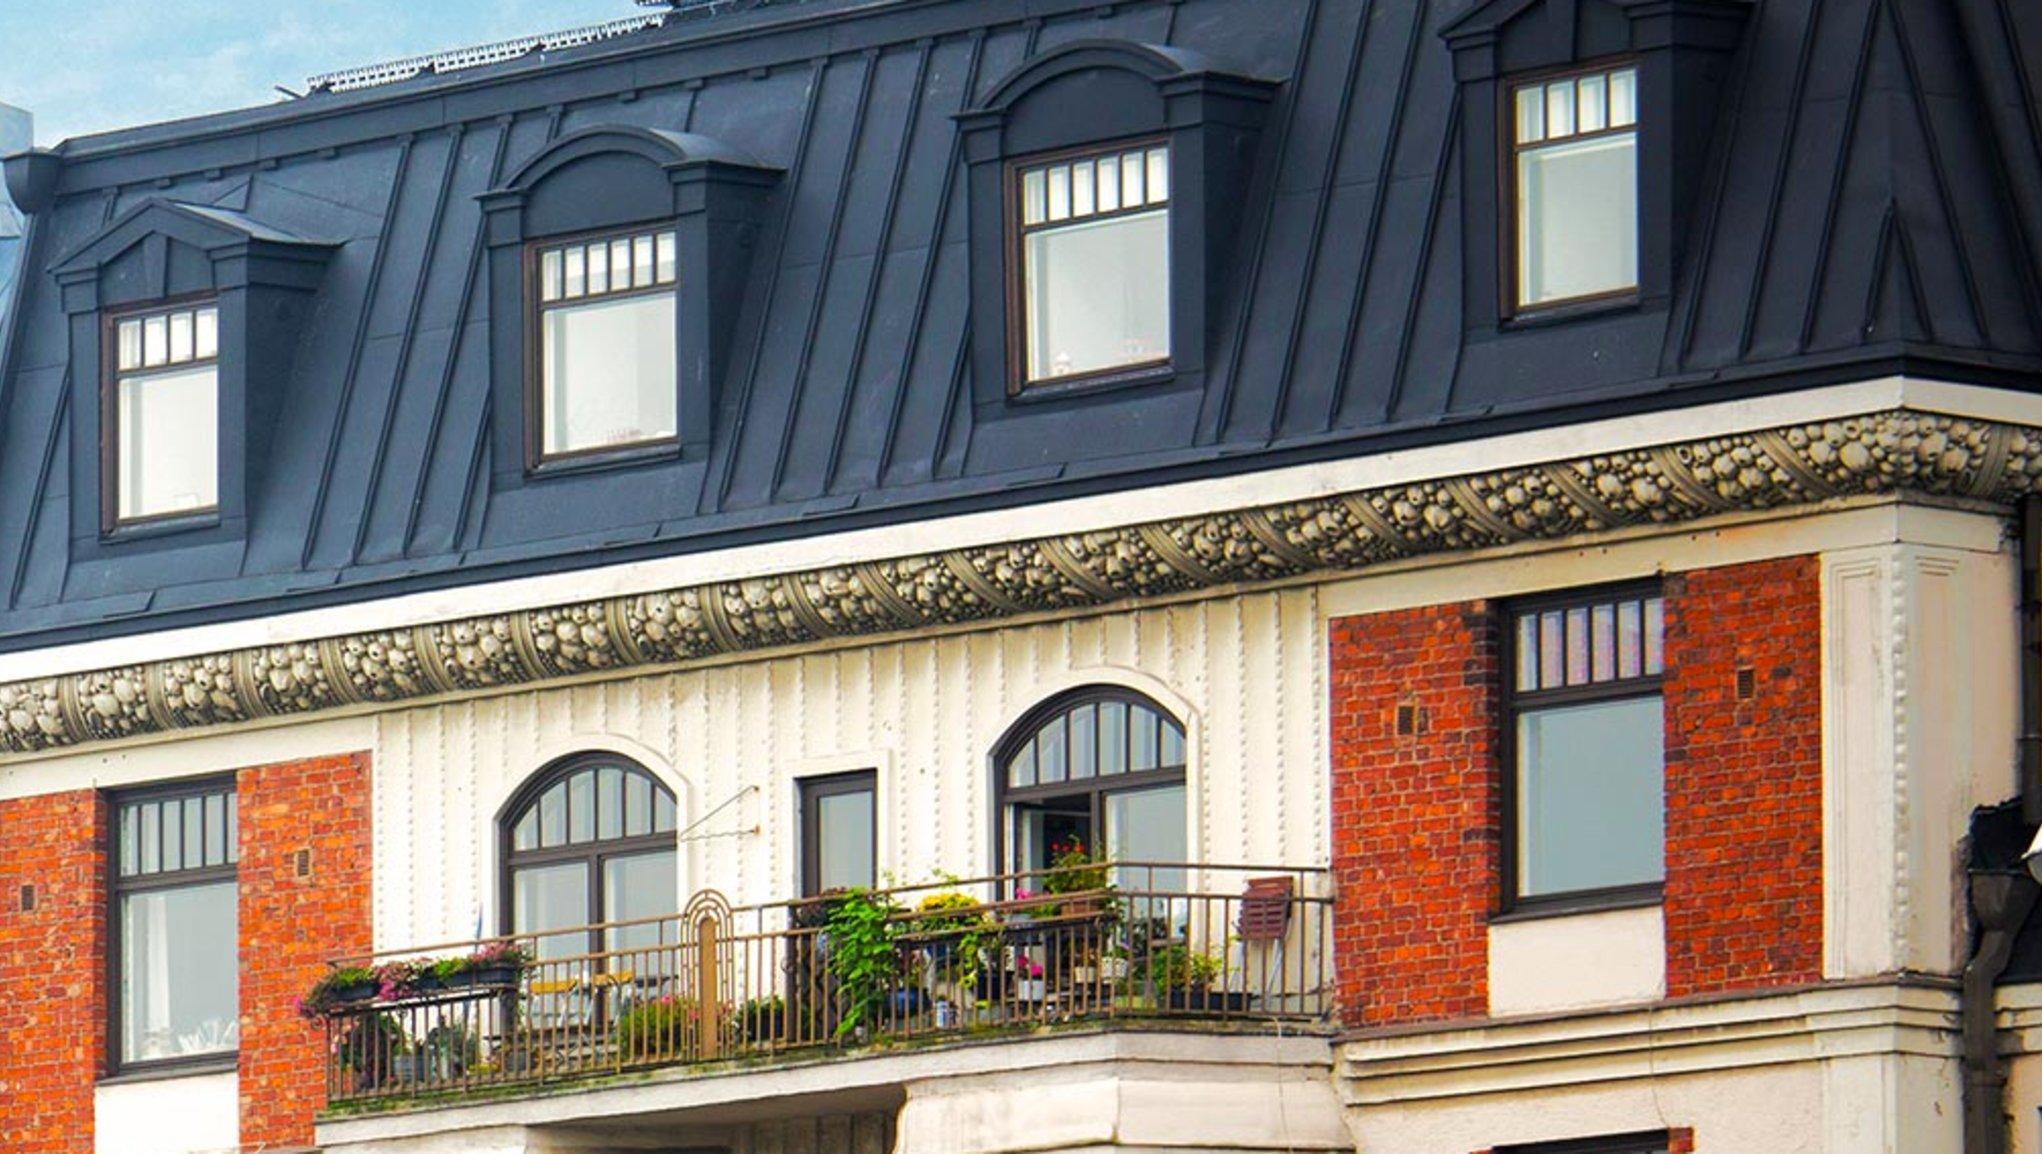 Framsidan och taket av en värdefull fastighet